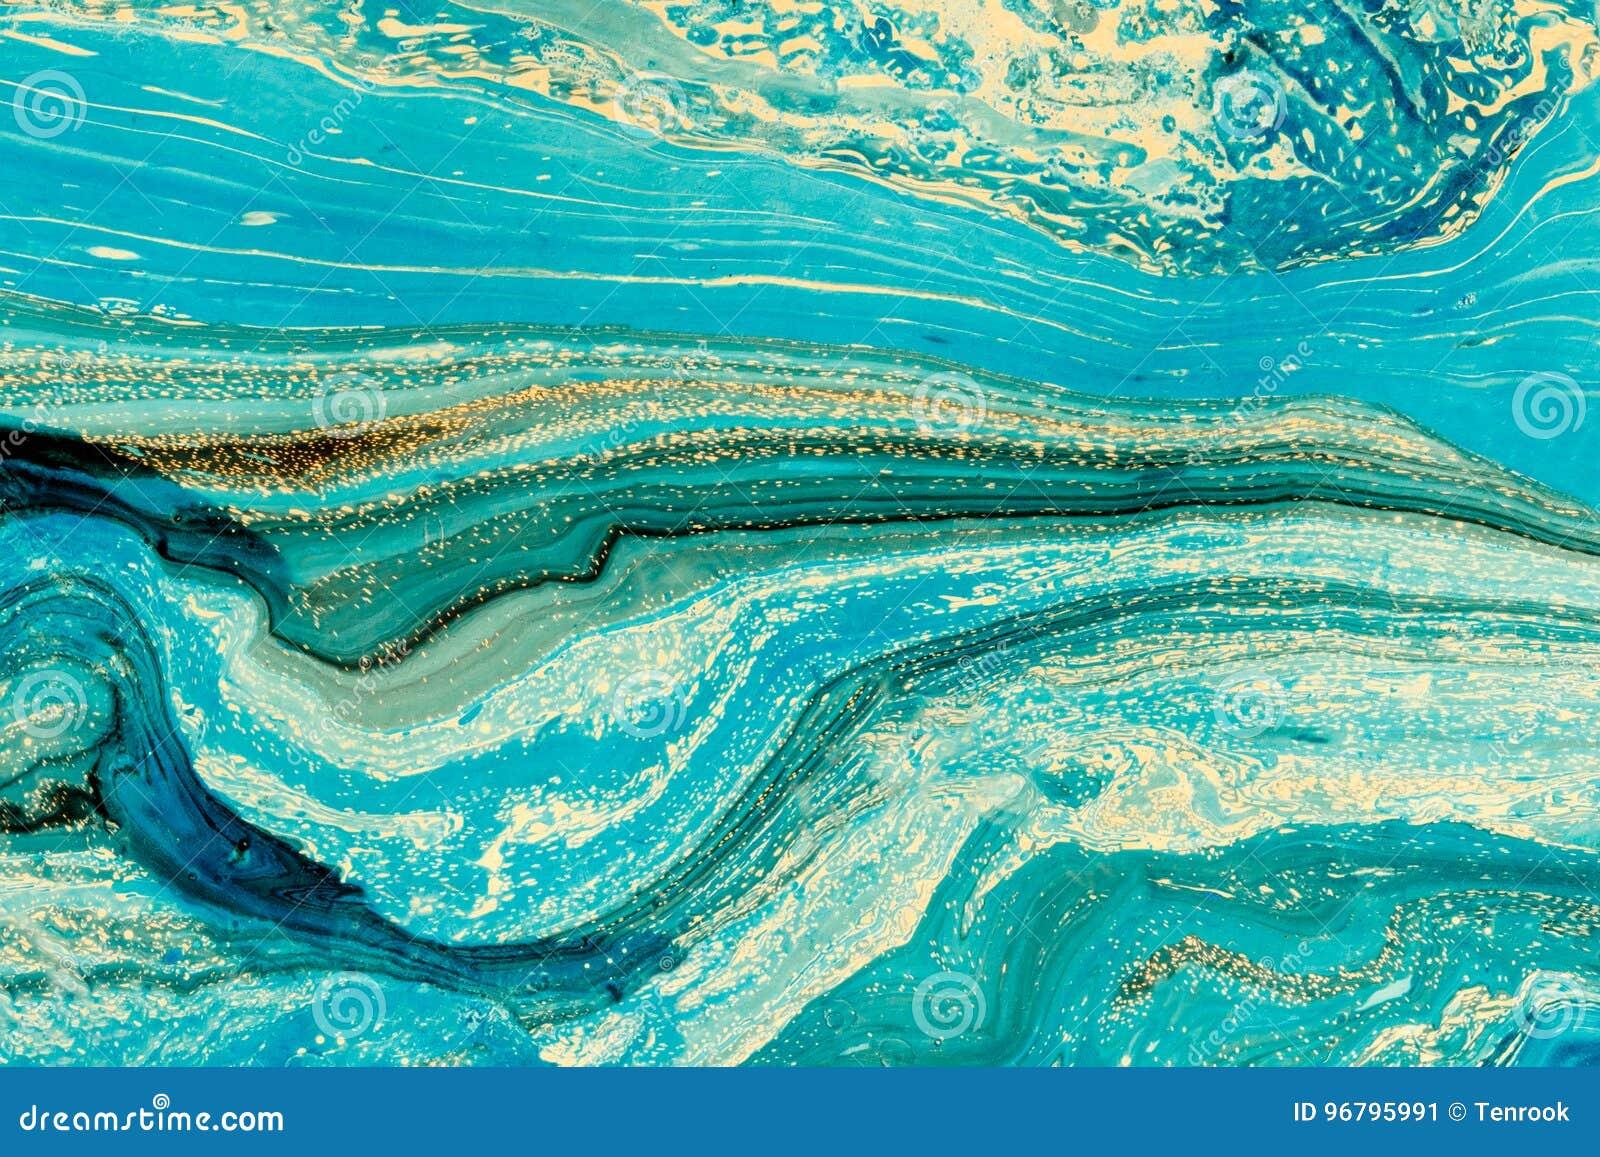 与抽象大理石绘画的现代艺术品 混杂的蓝色和黄色油漆 水表面上的丙烯酸漆 水平